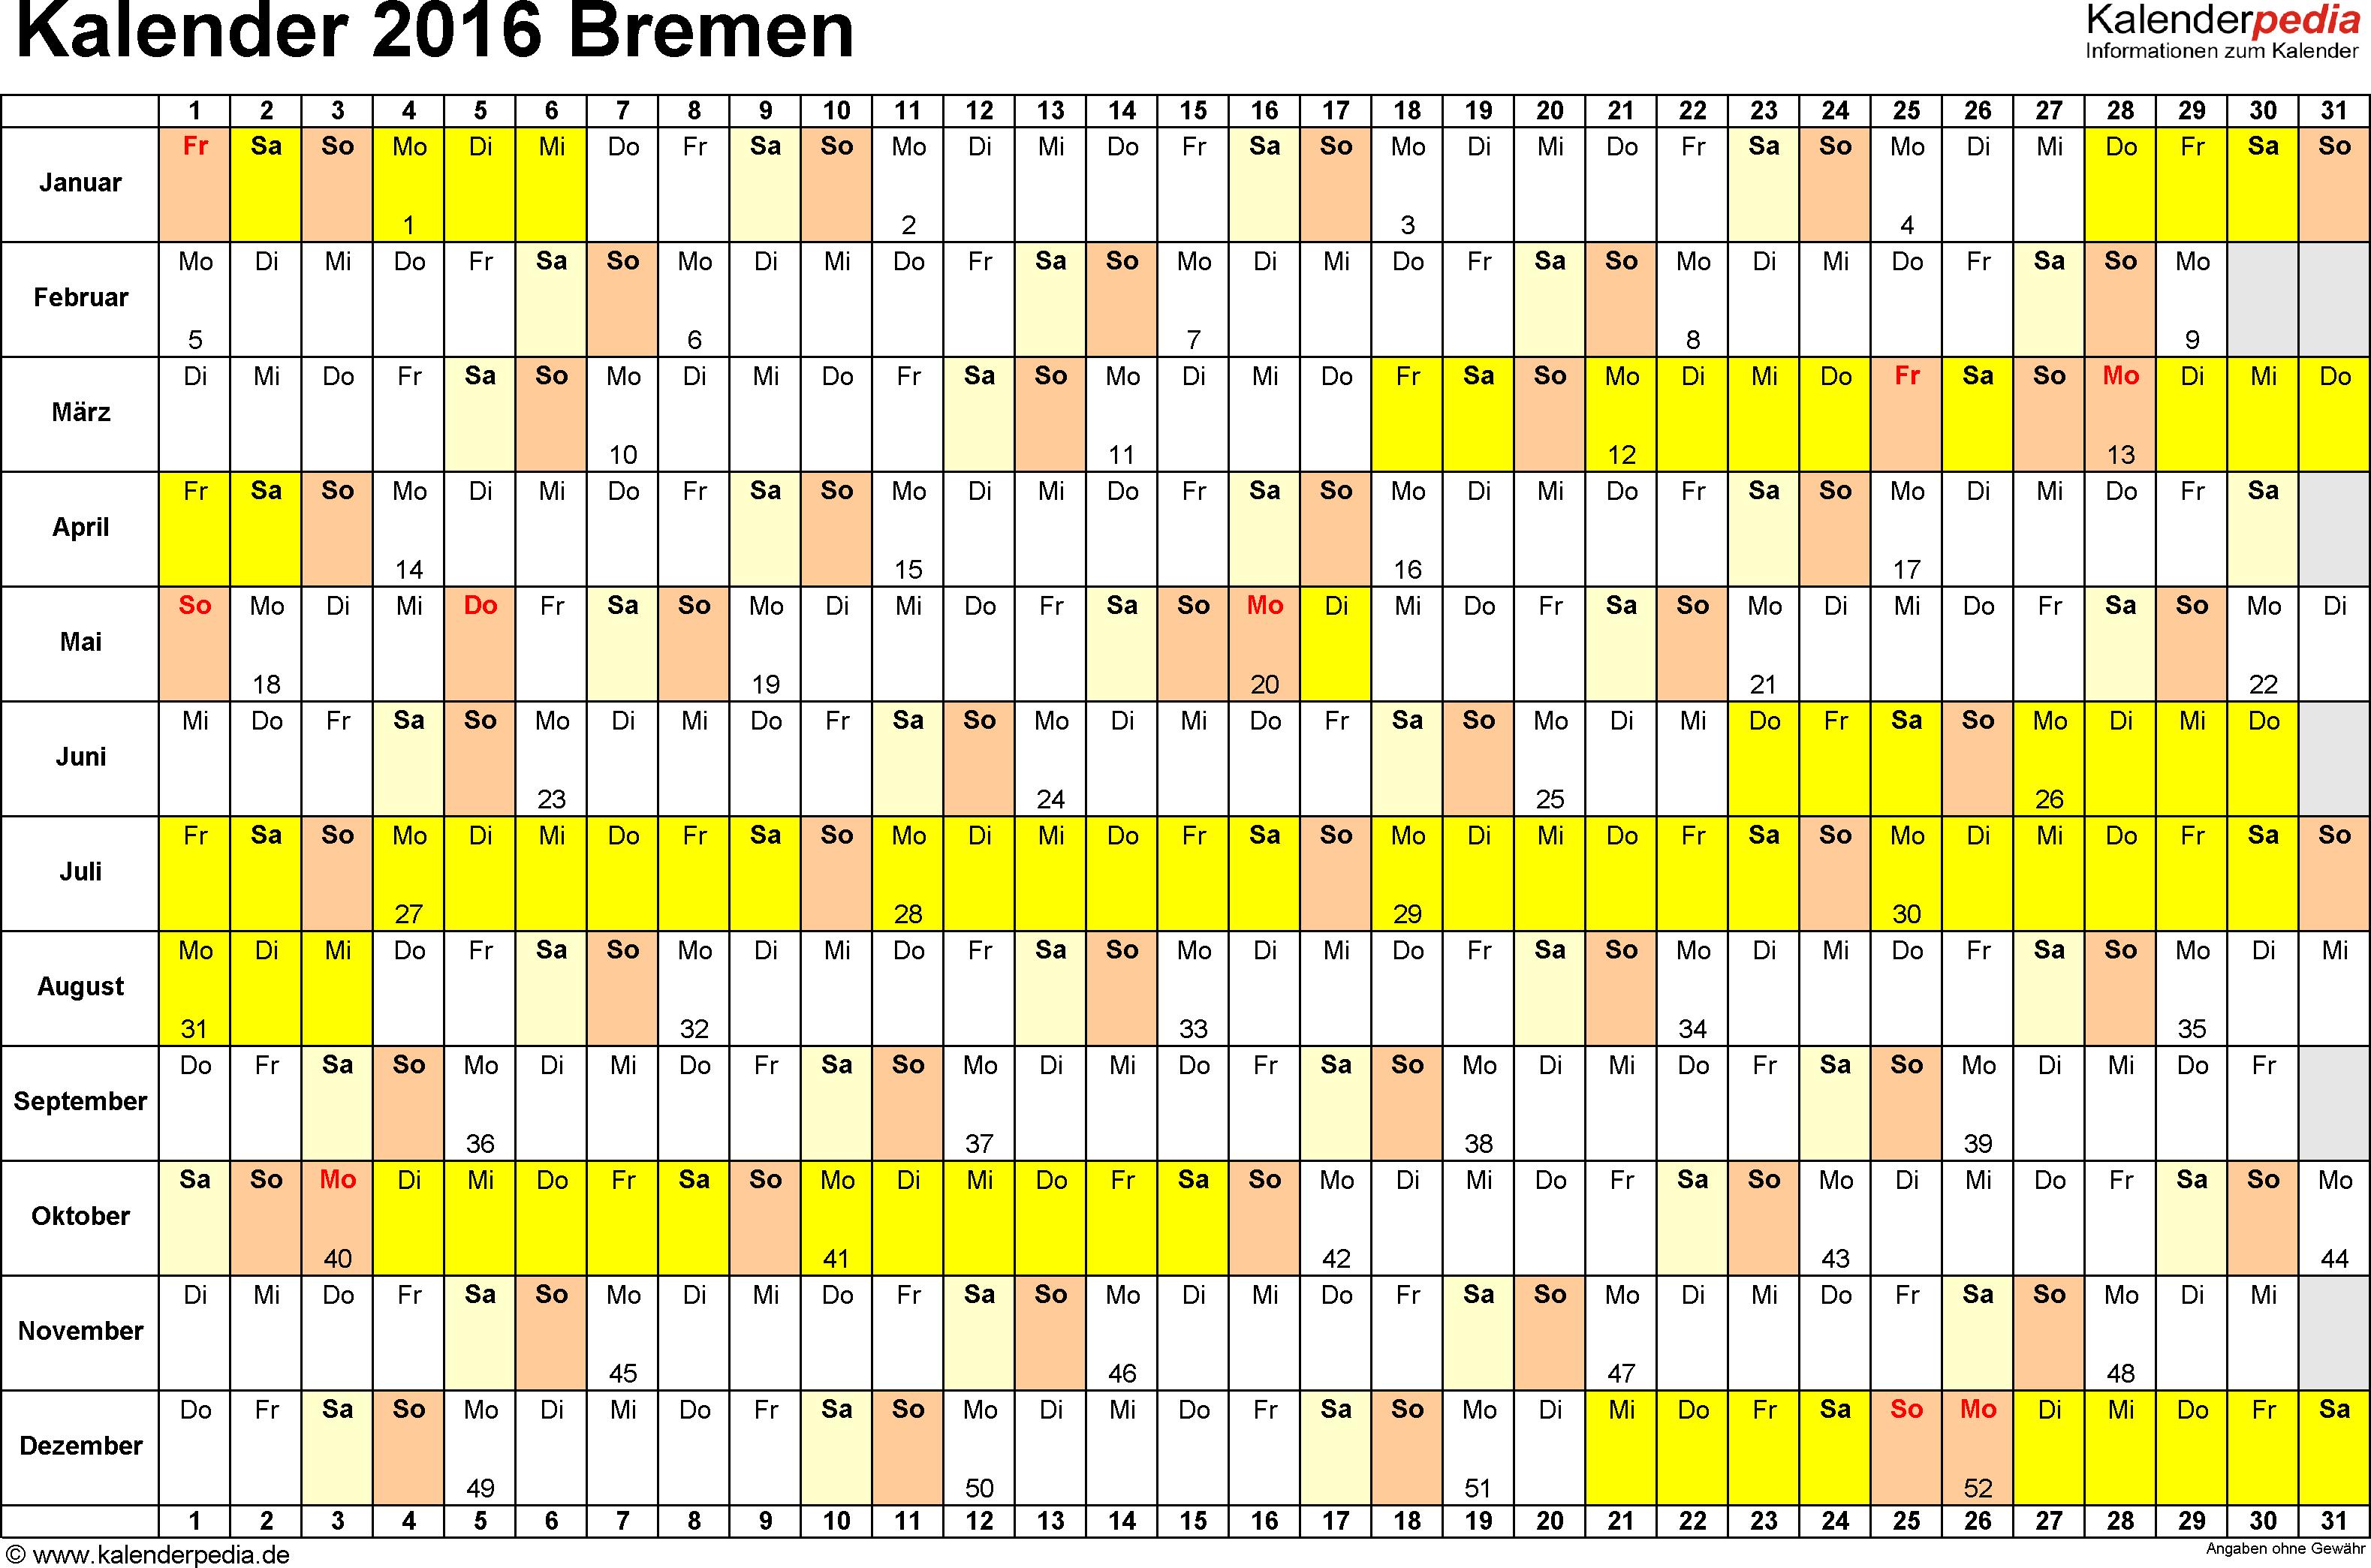 Vorlage 2: Kalender Bremen 2016 im Querformat, Tage nebeneinander